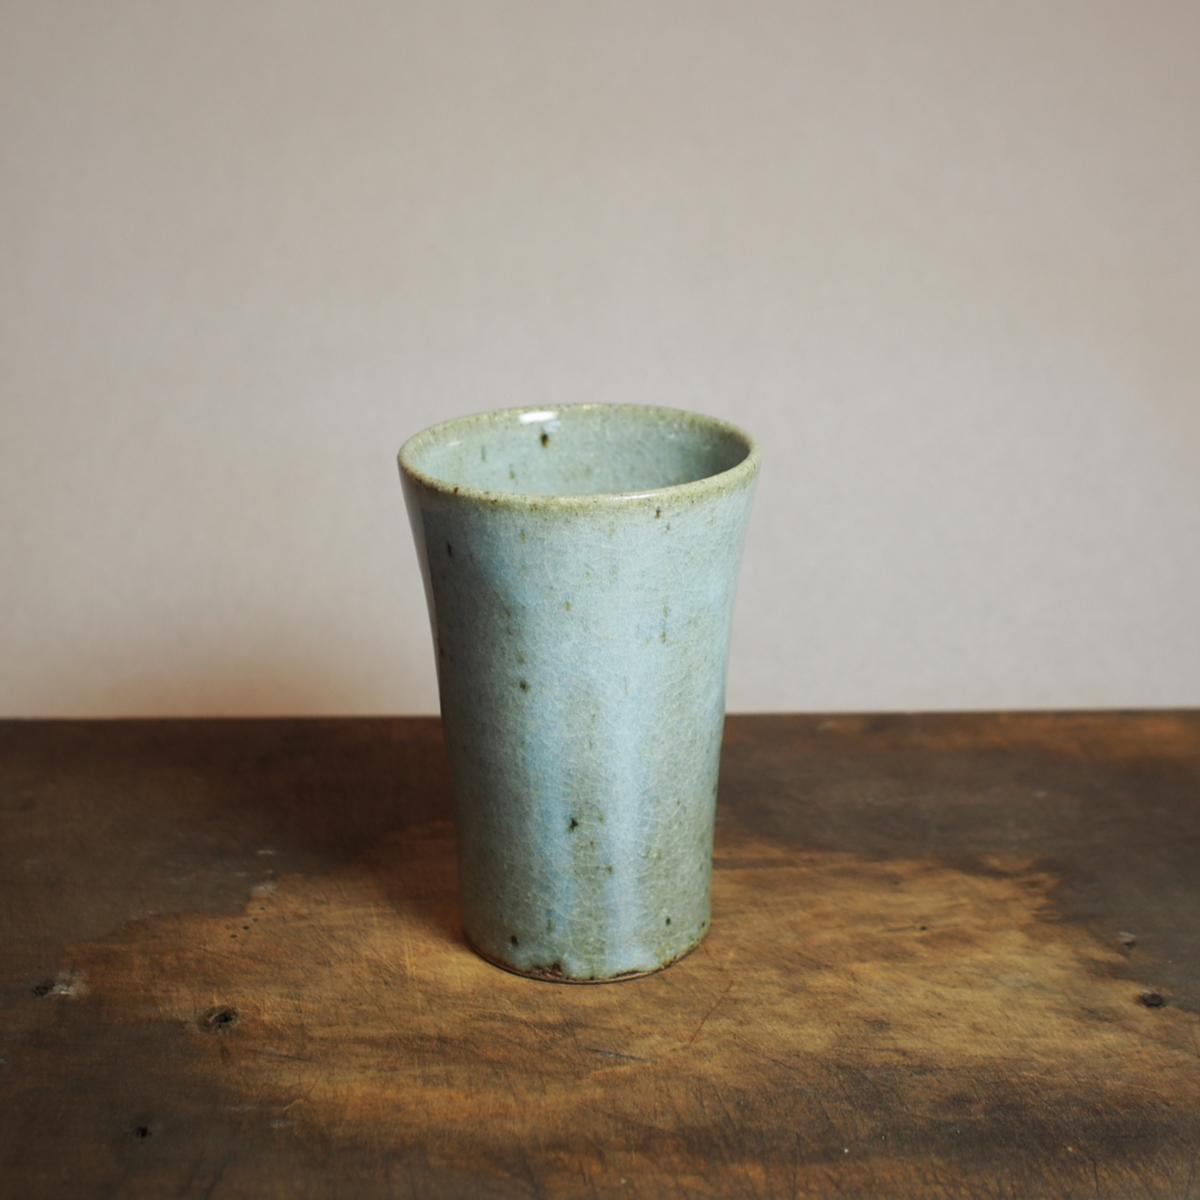 淡い水色のタンブラー フリーカップ。 250ml